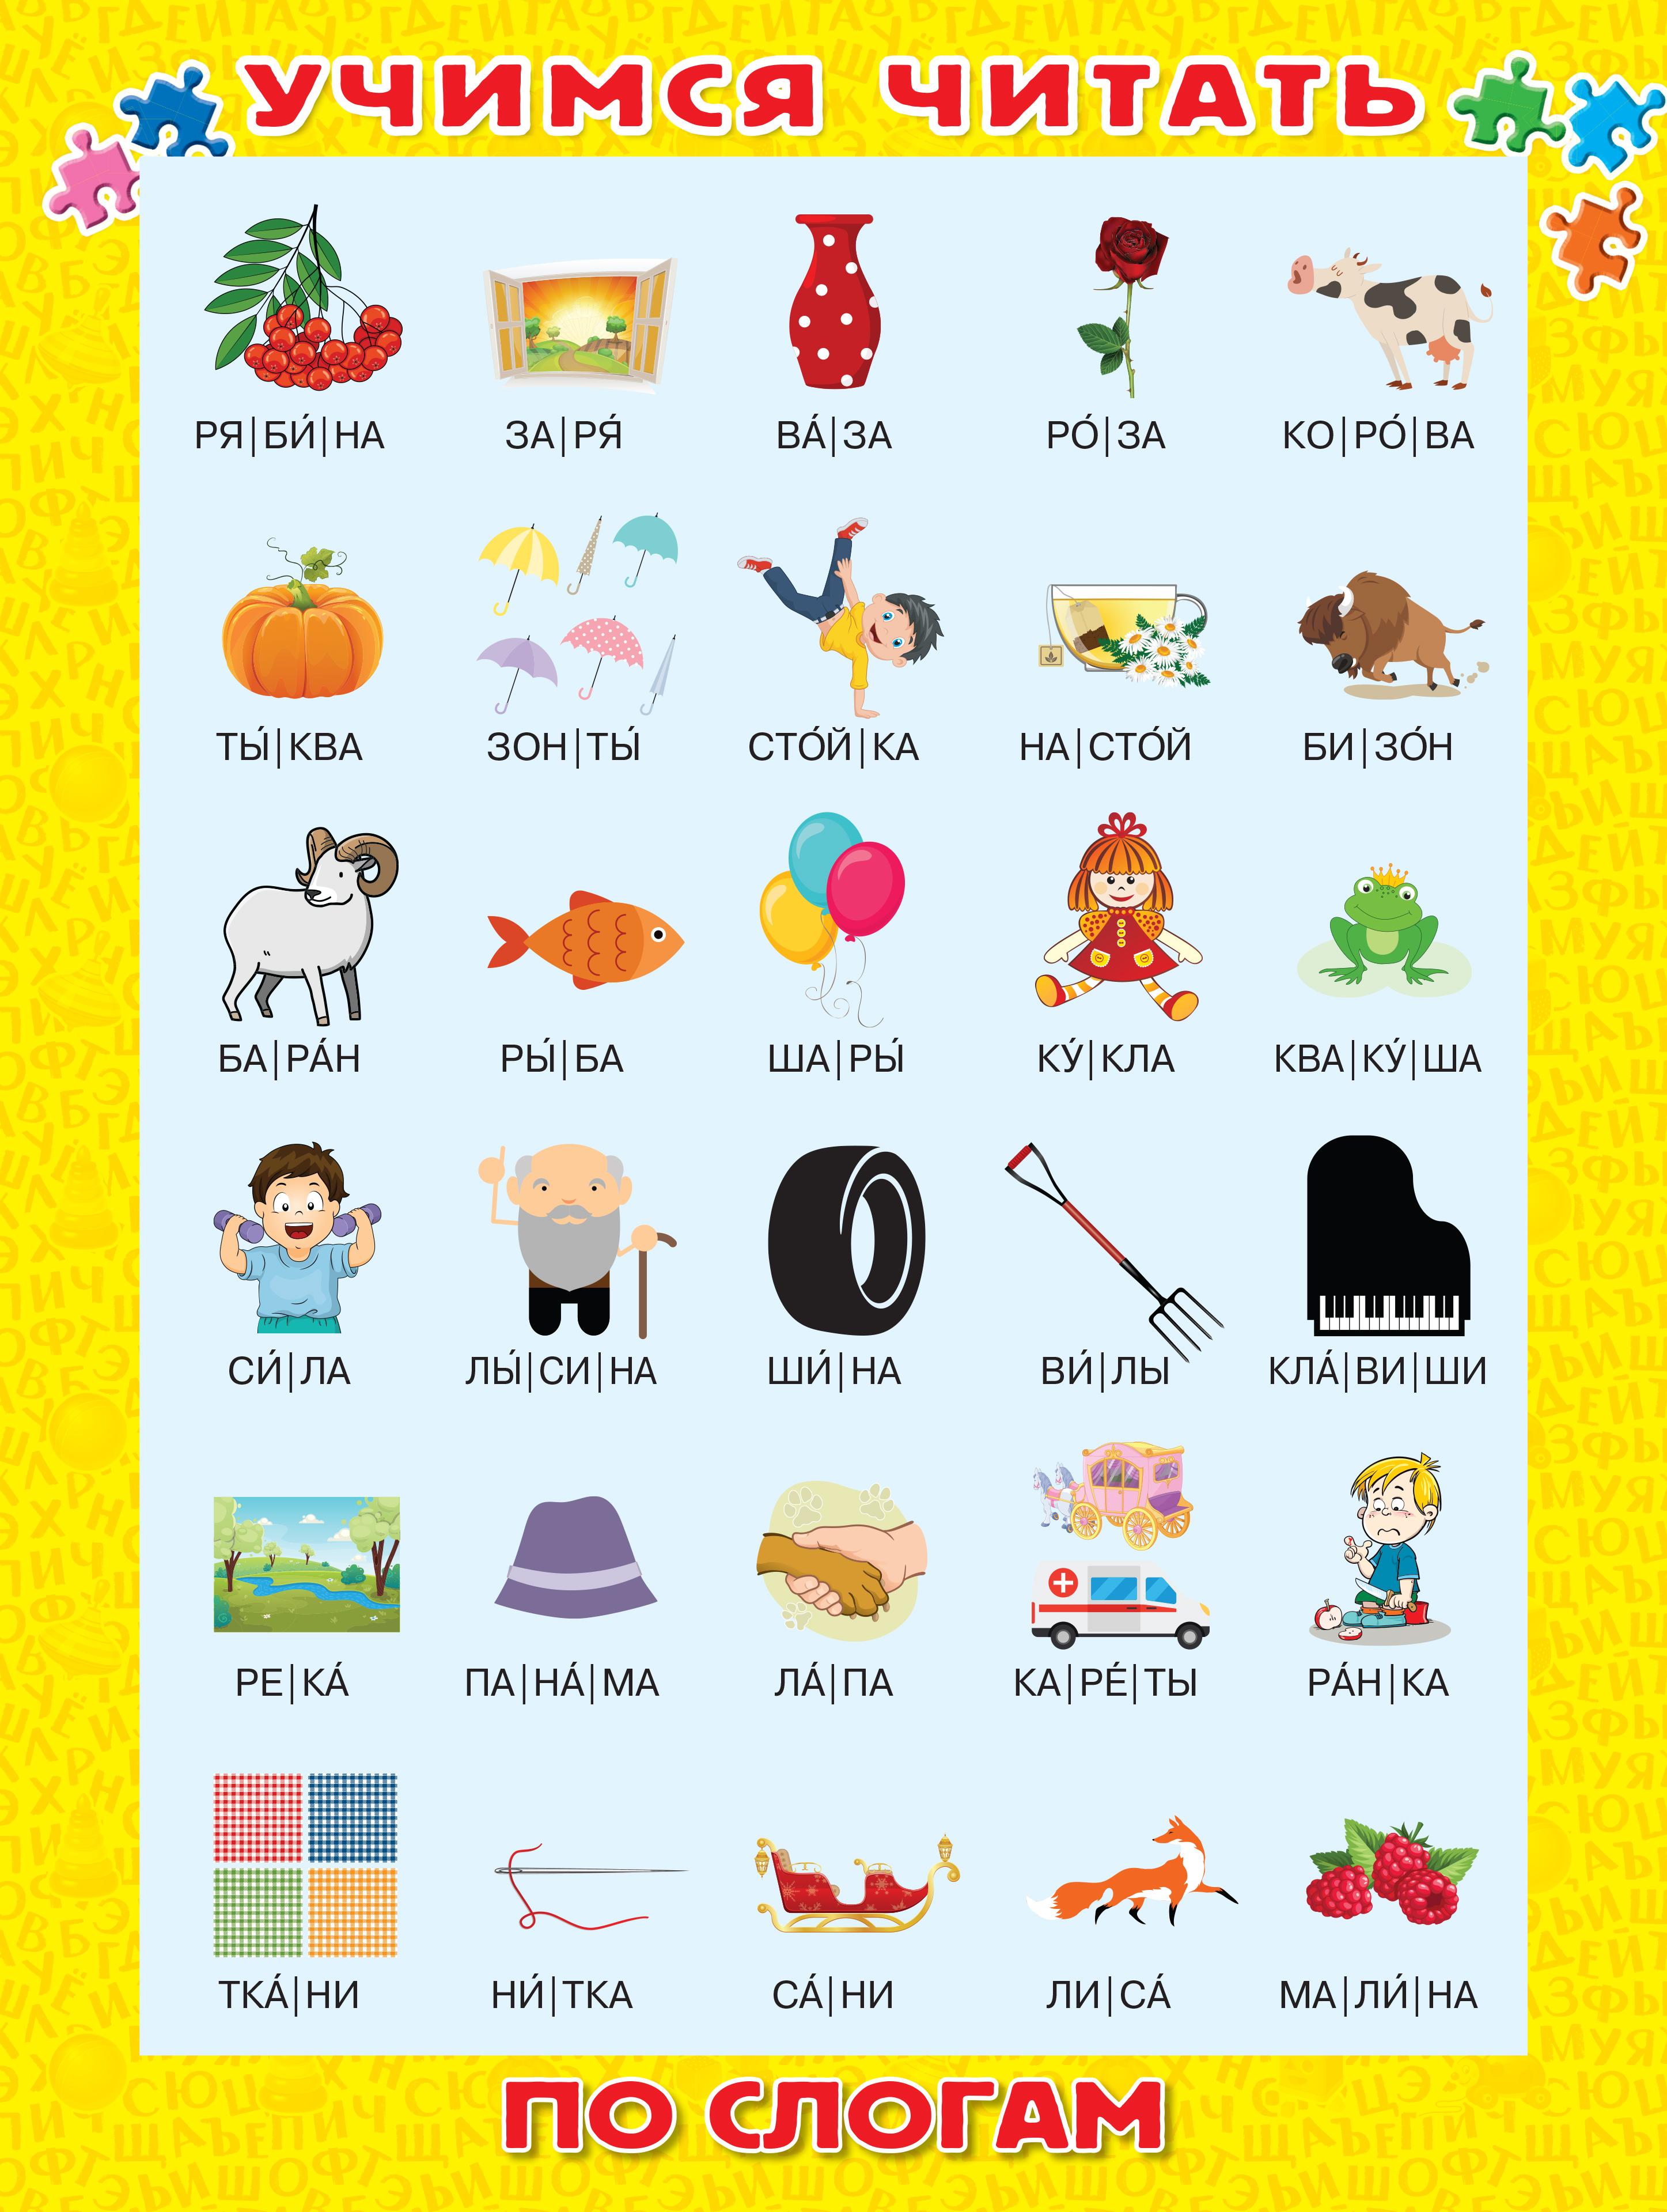 Как научить ребёнка читать по слогам в домашних условиях быстро